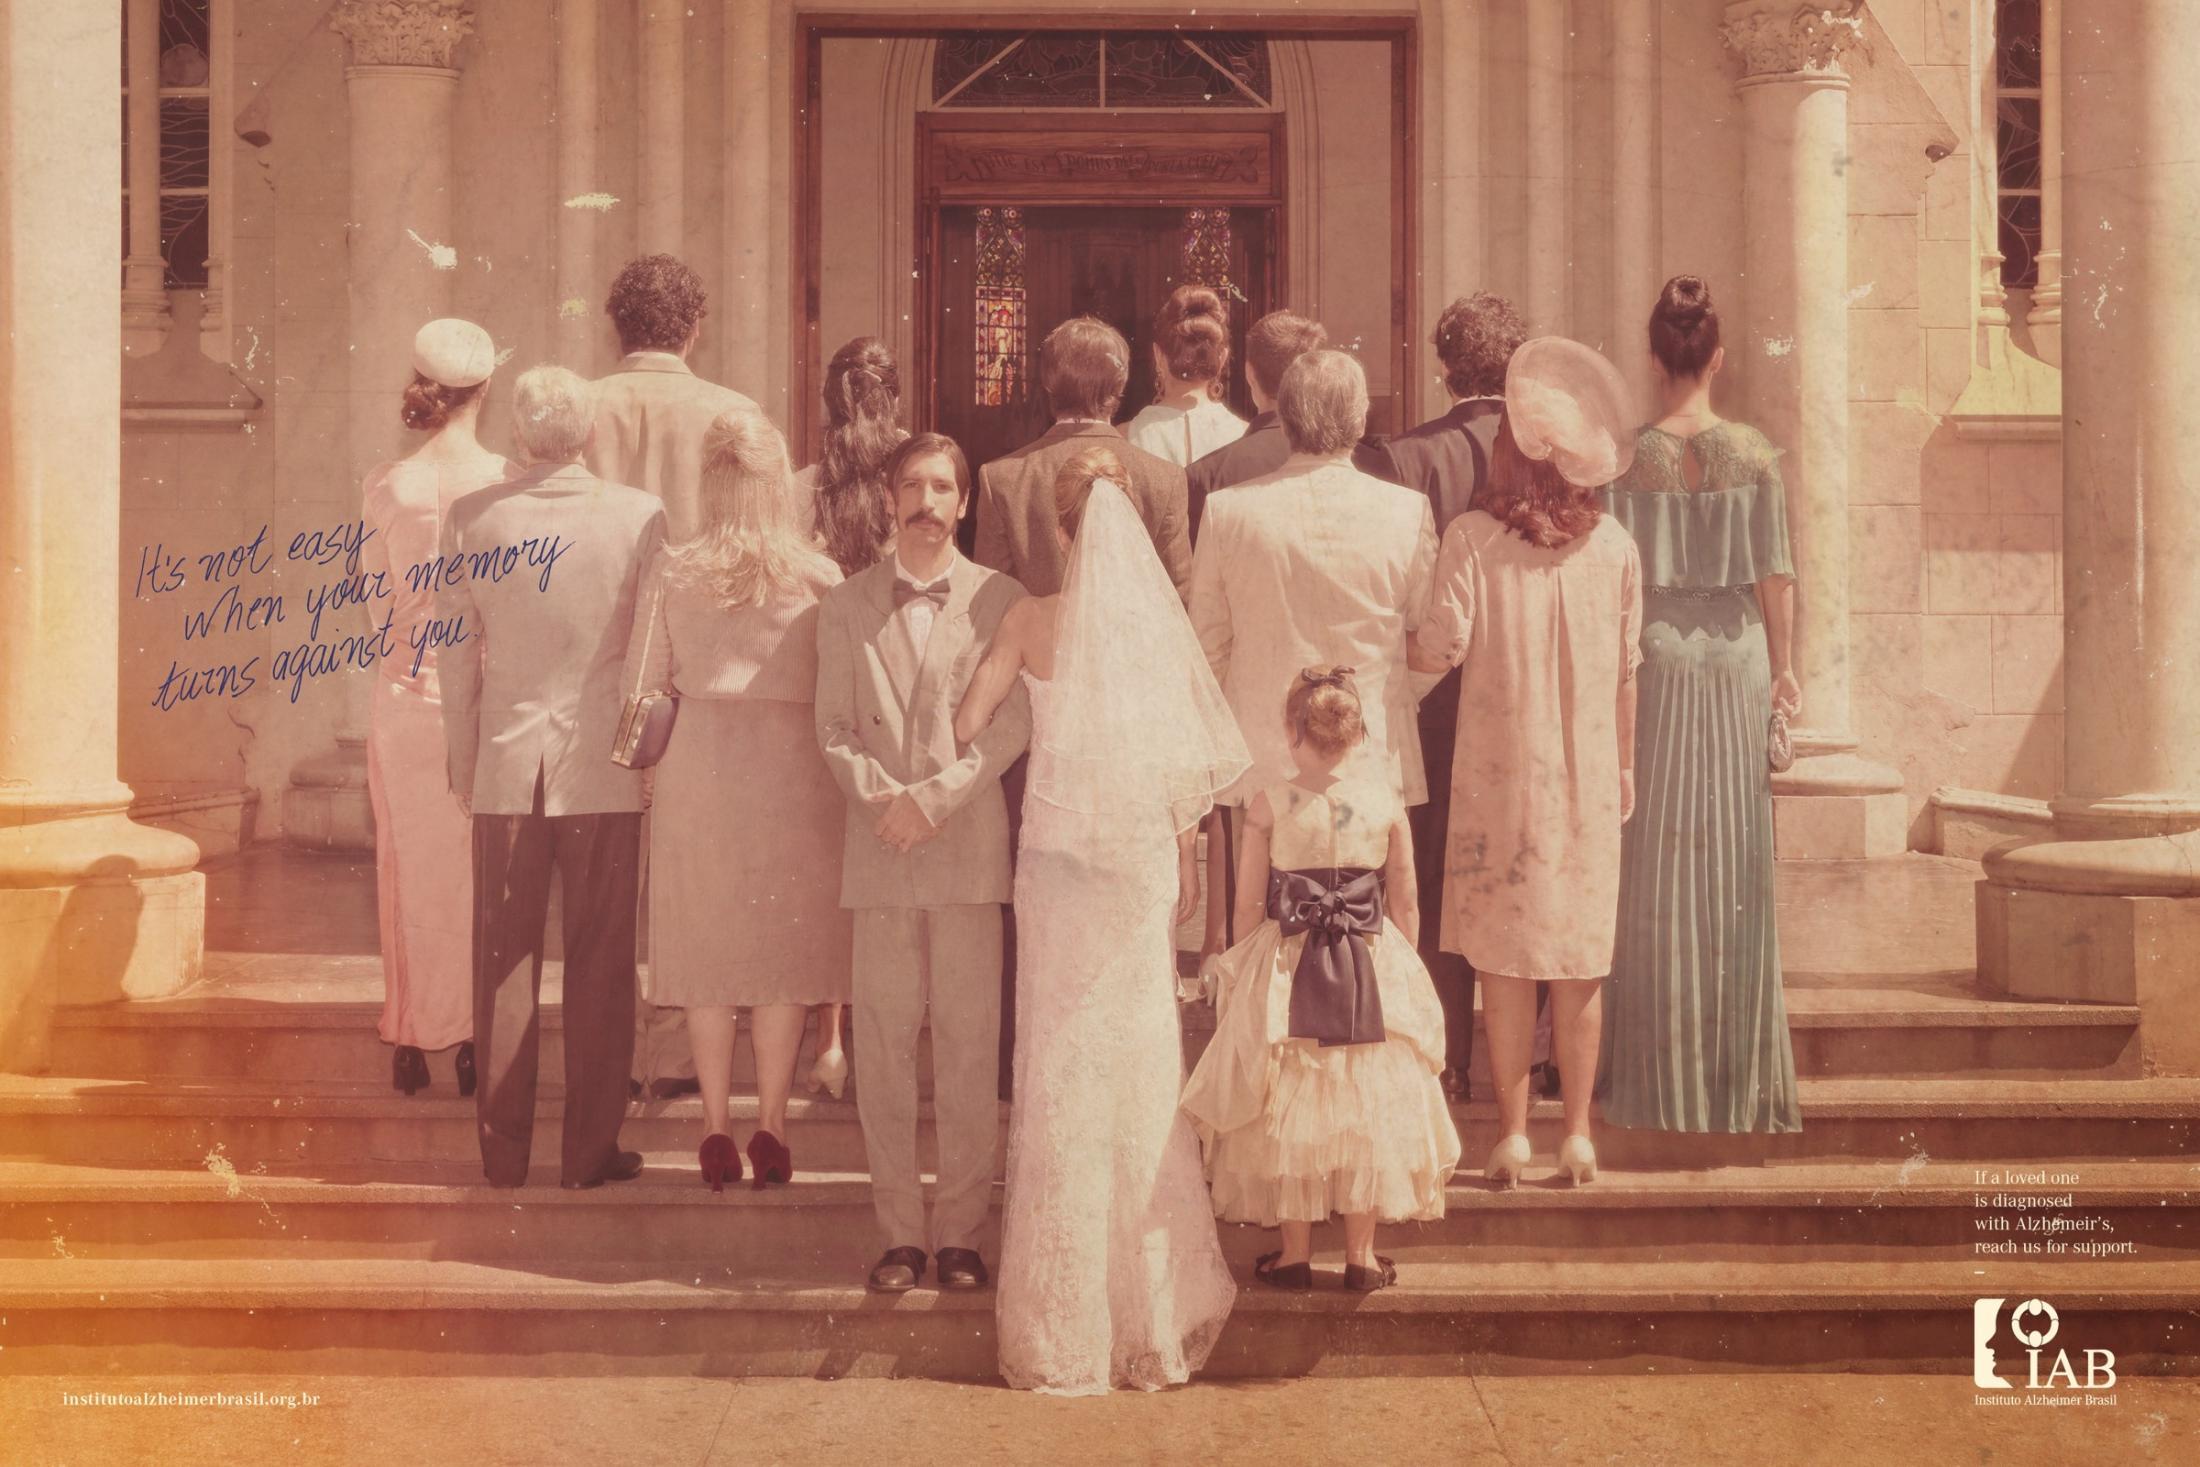 Les plus belles publicités sur le Mariage... pour les fans de Mariés au Premier Regard 5